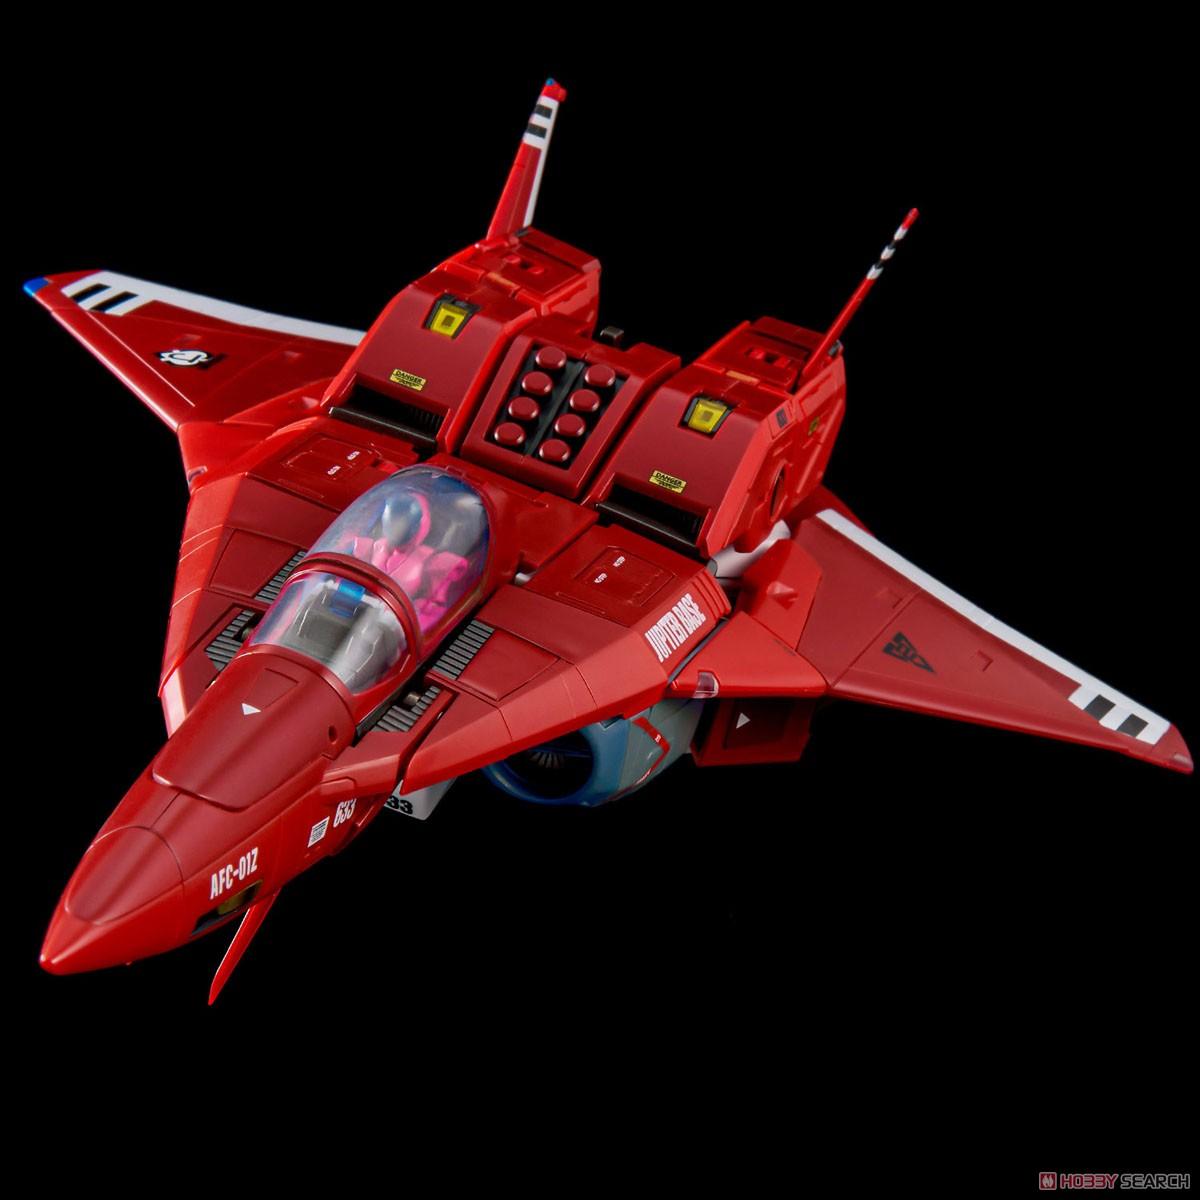 RIOBOT『AFC-01Ζ レギオス・ゼータ』機甲創世記モスピーダ 1/48 可変可動フィギュア-012